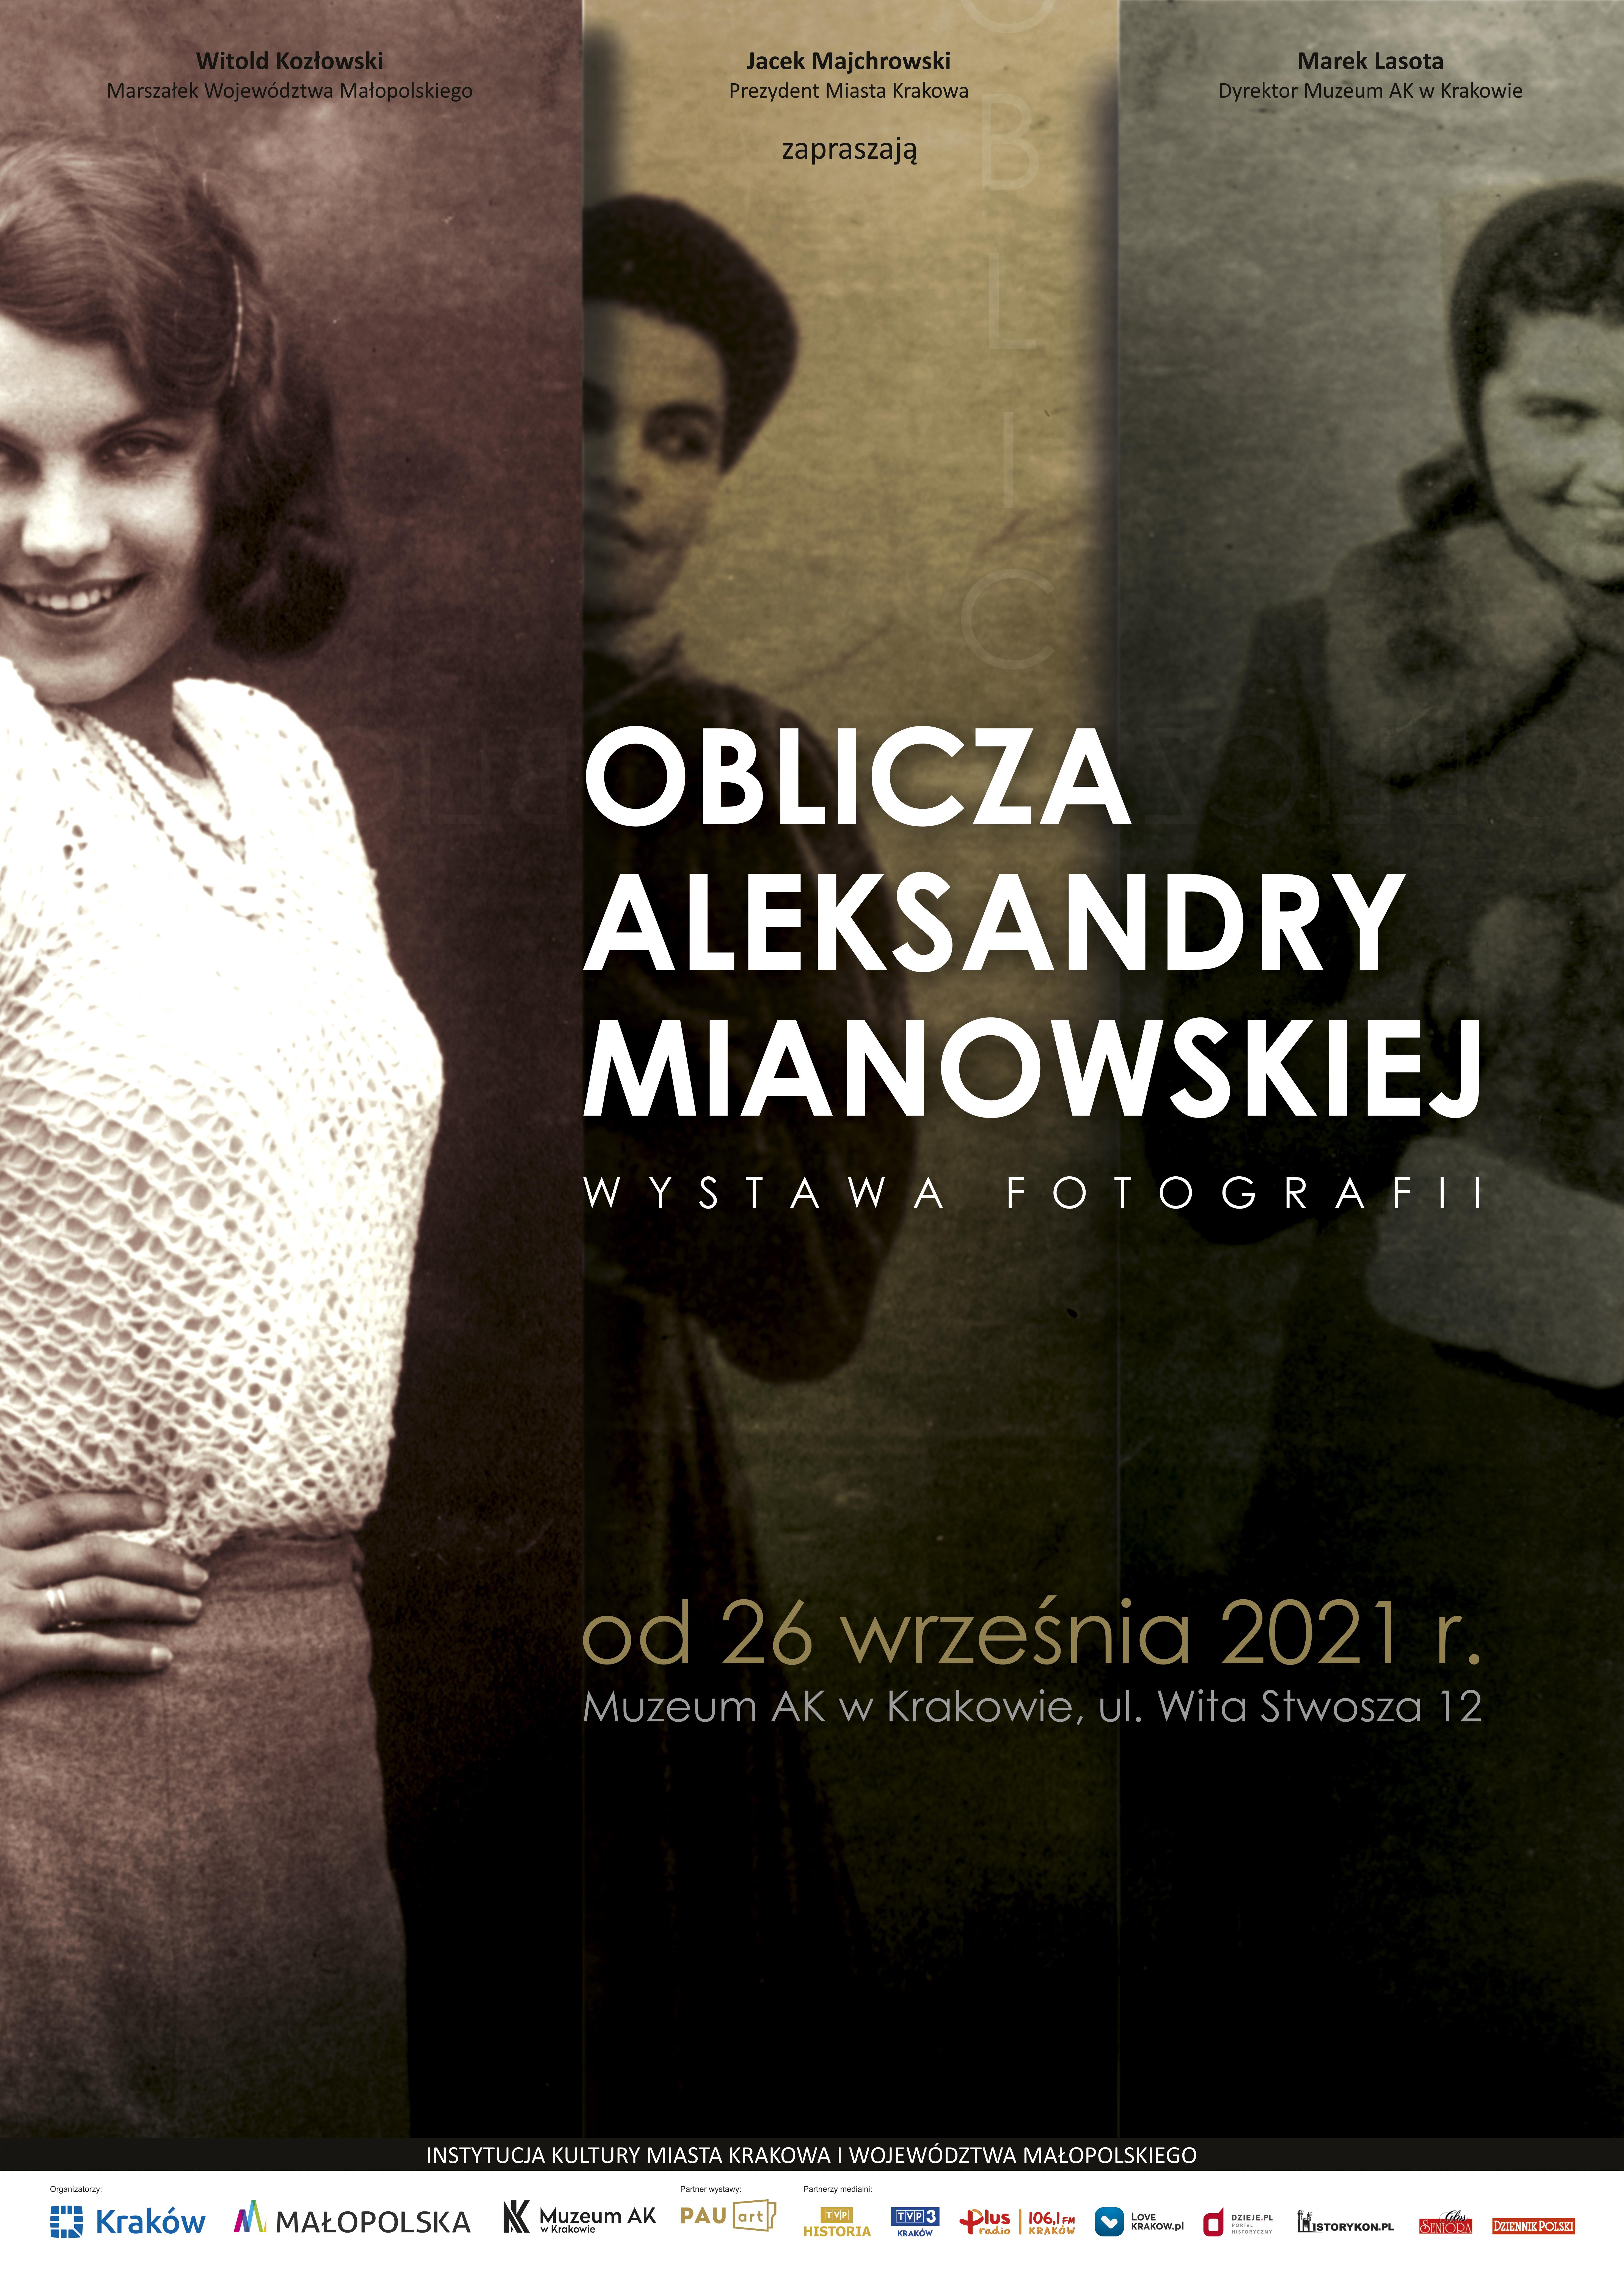 Oblicza Aleksandry Mianowskiej